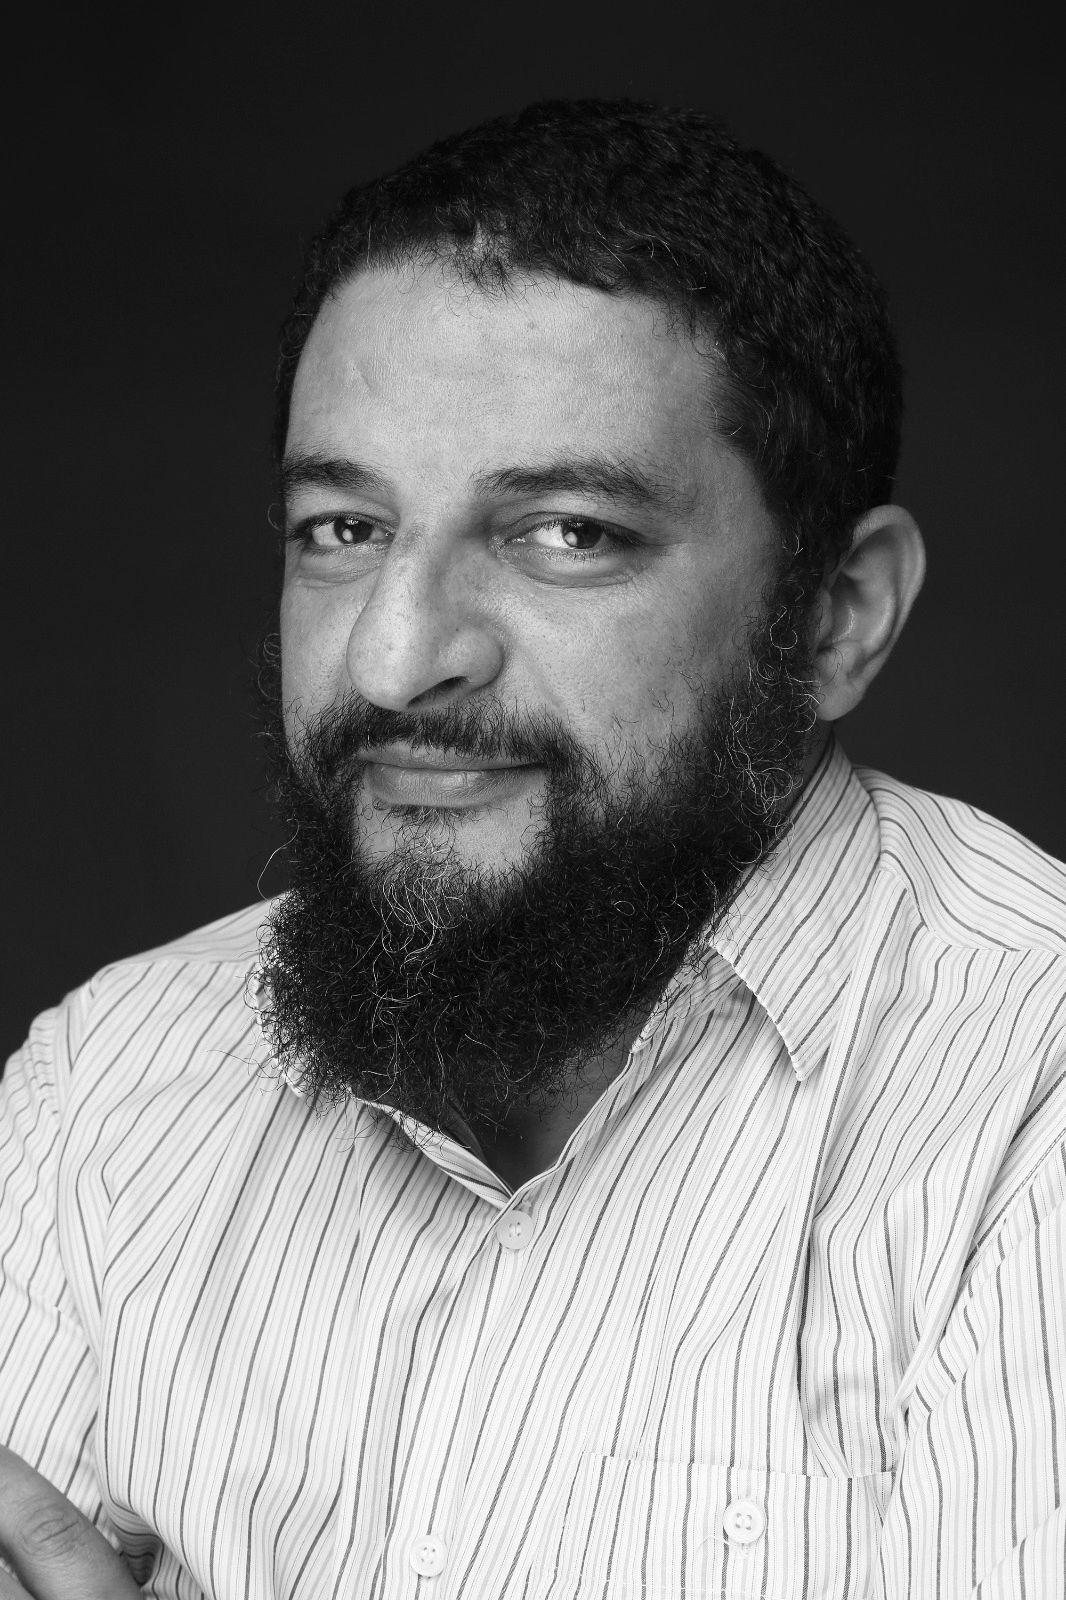 خالد عبد العزيز القاضي Headshot